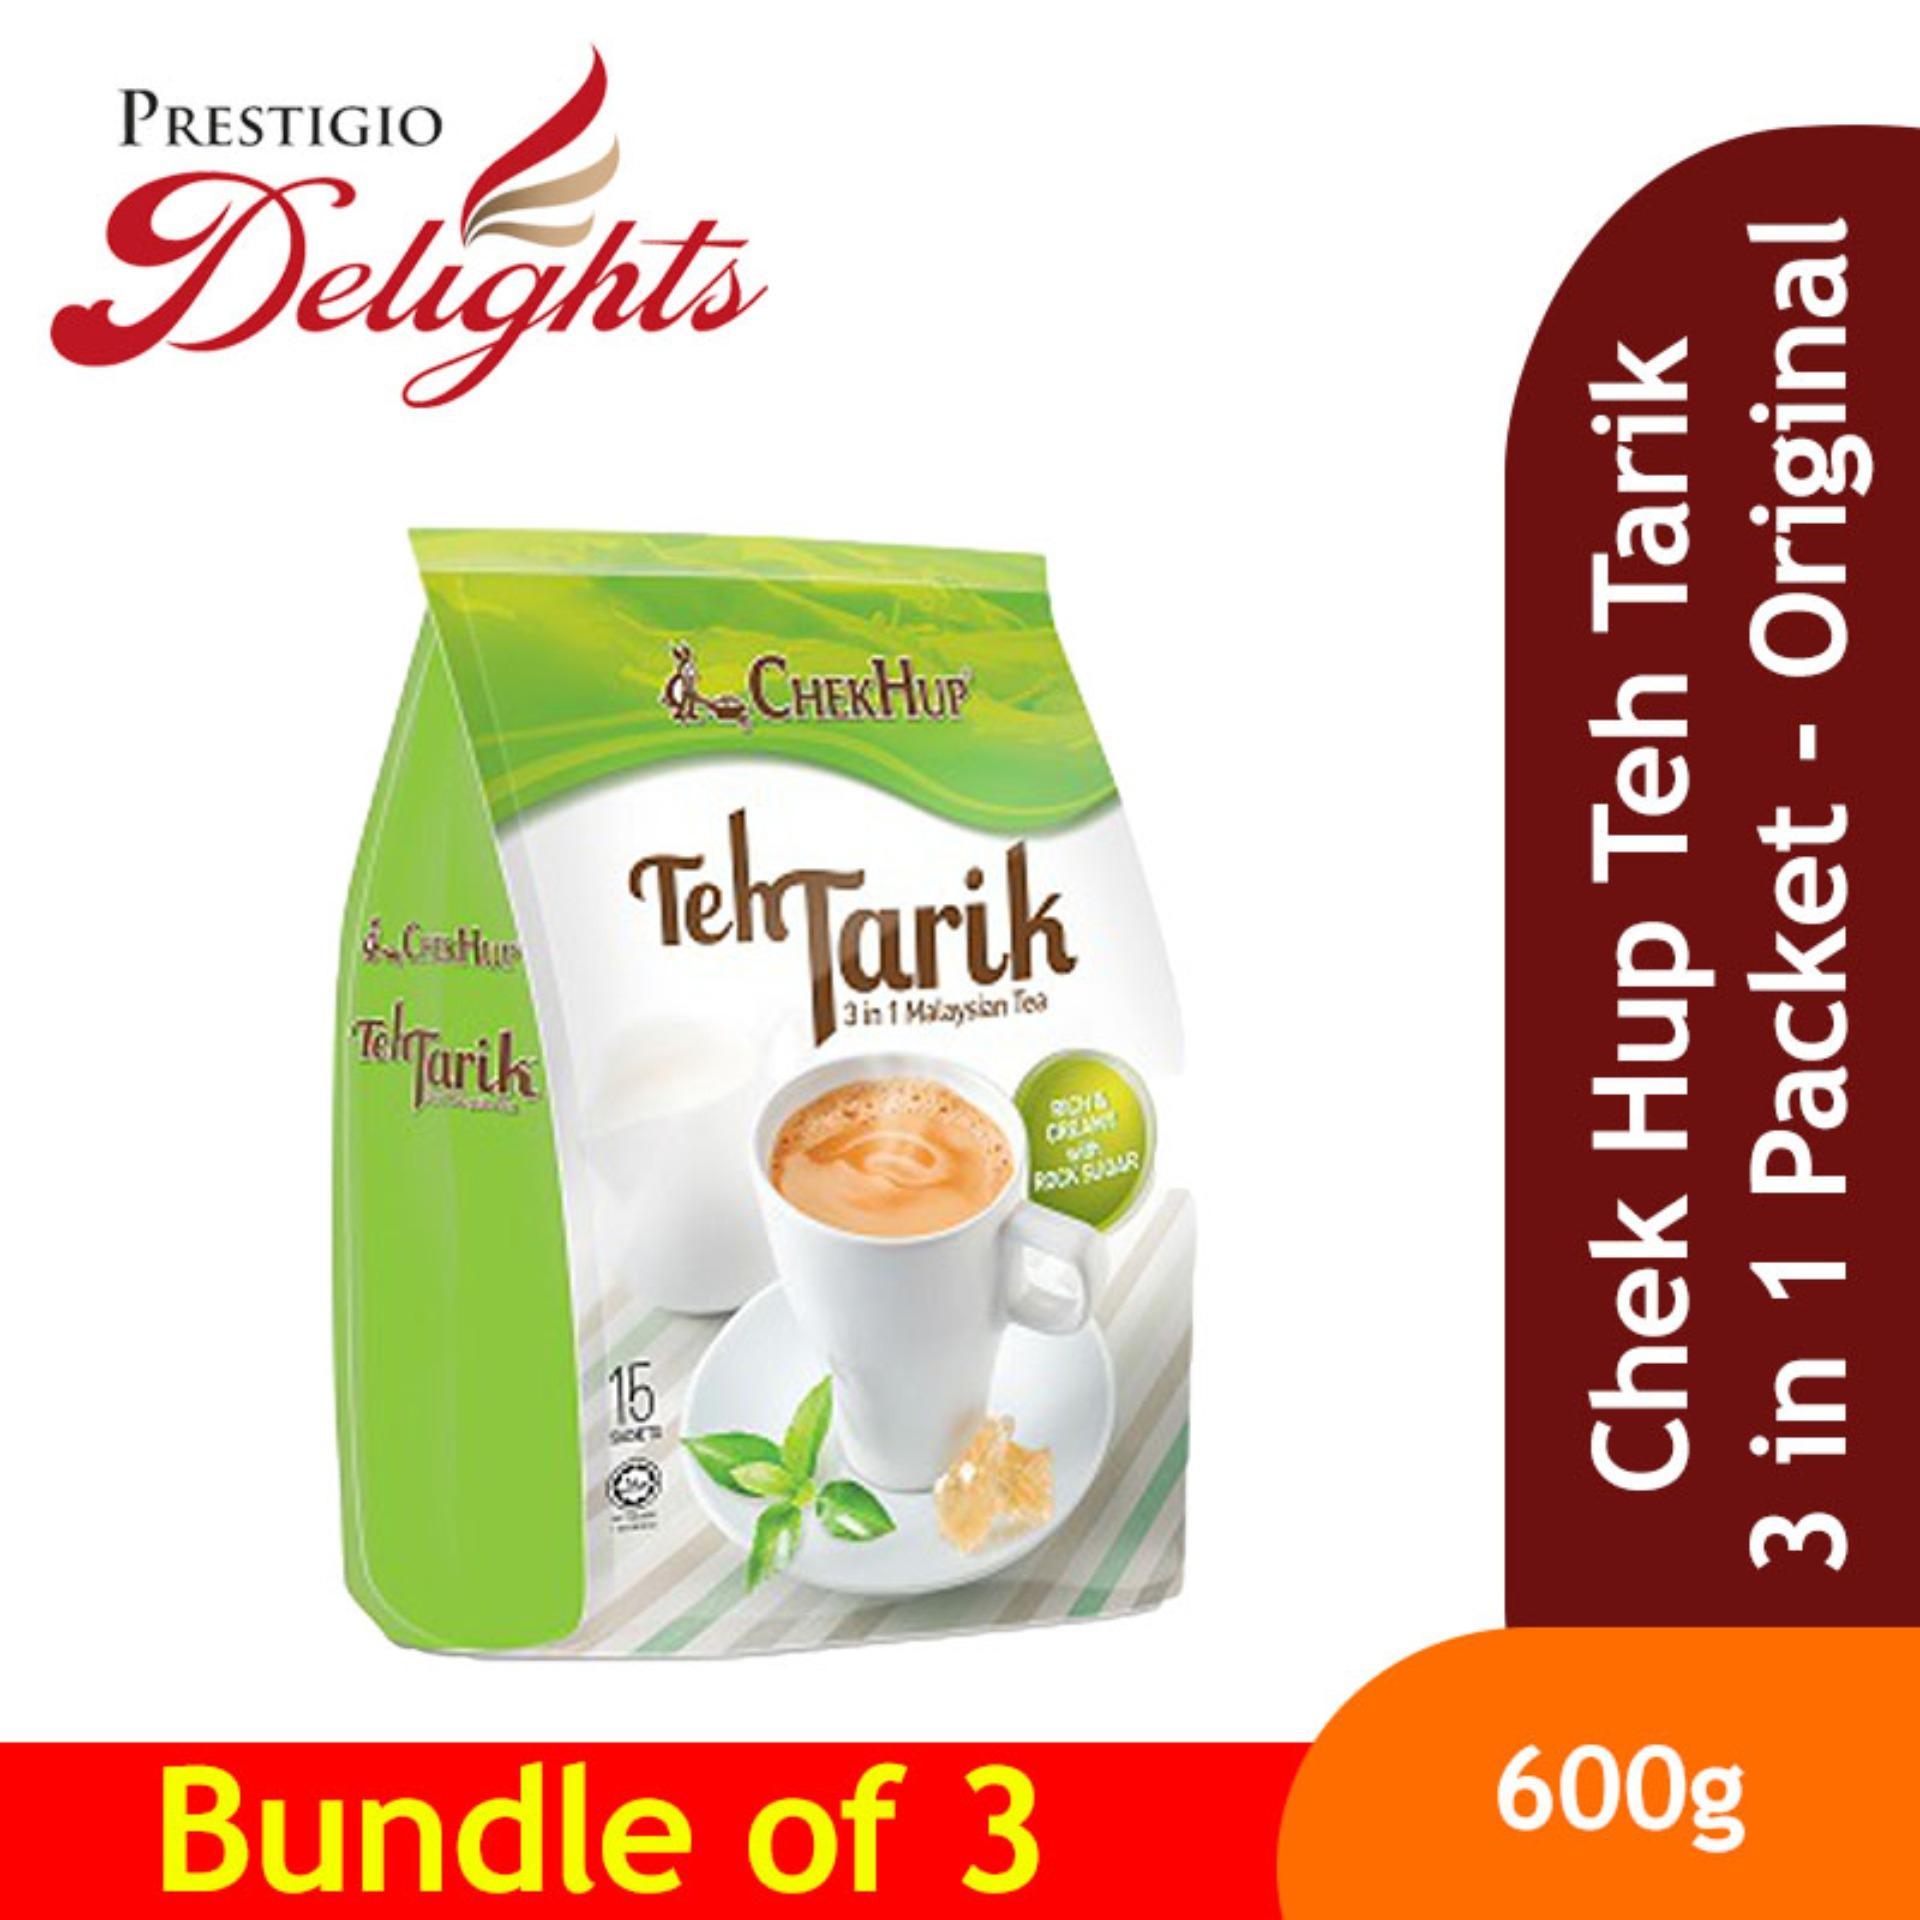 Chek Hup Teh Tarik 3 In 1 Packet - Original Bundle Of 3 By Prestigio Delights.